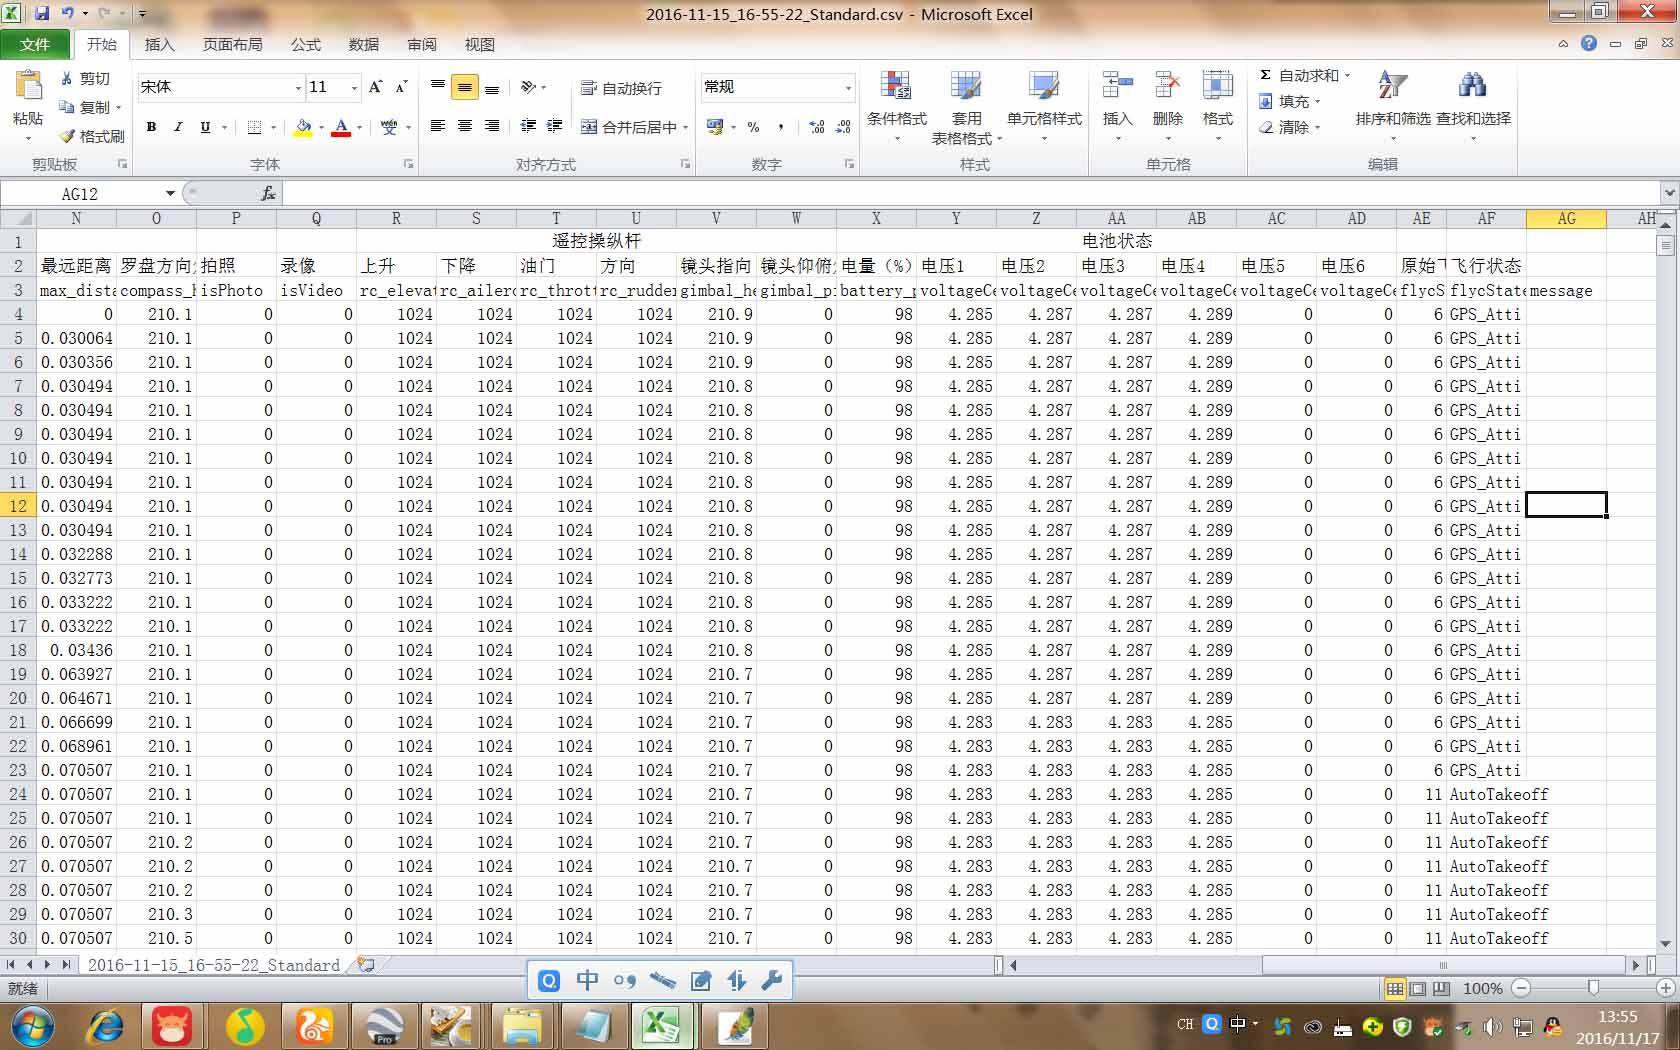 飞行记录详细数据-6.jpg